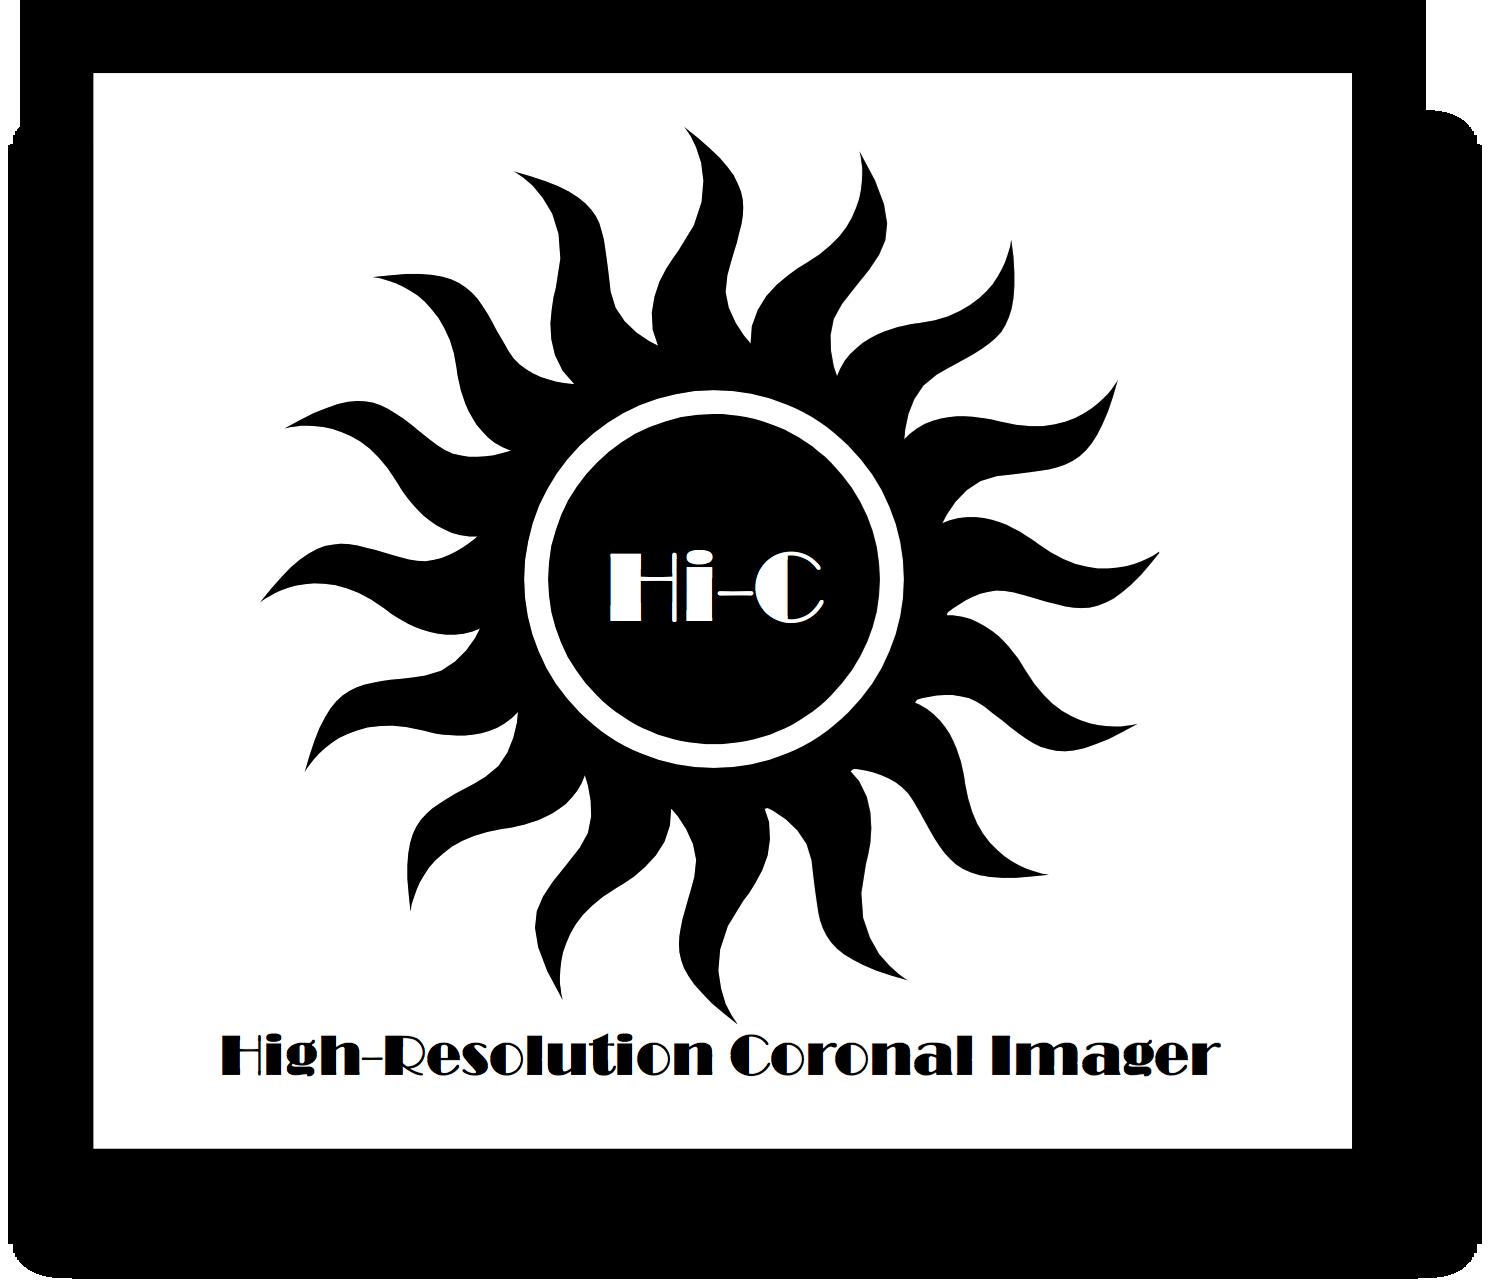 Hi From: Hi-C